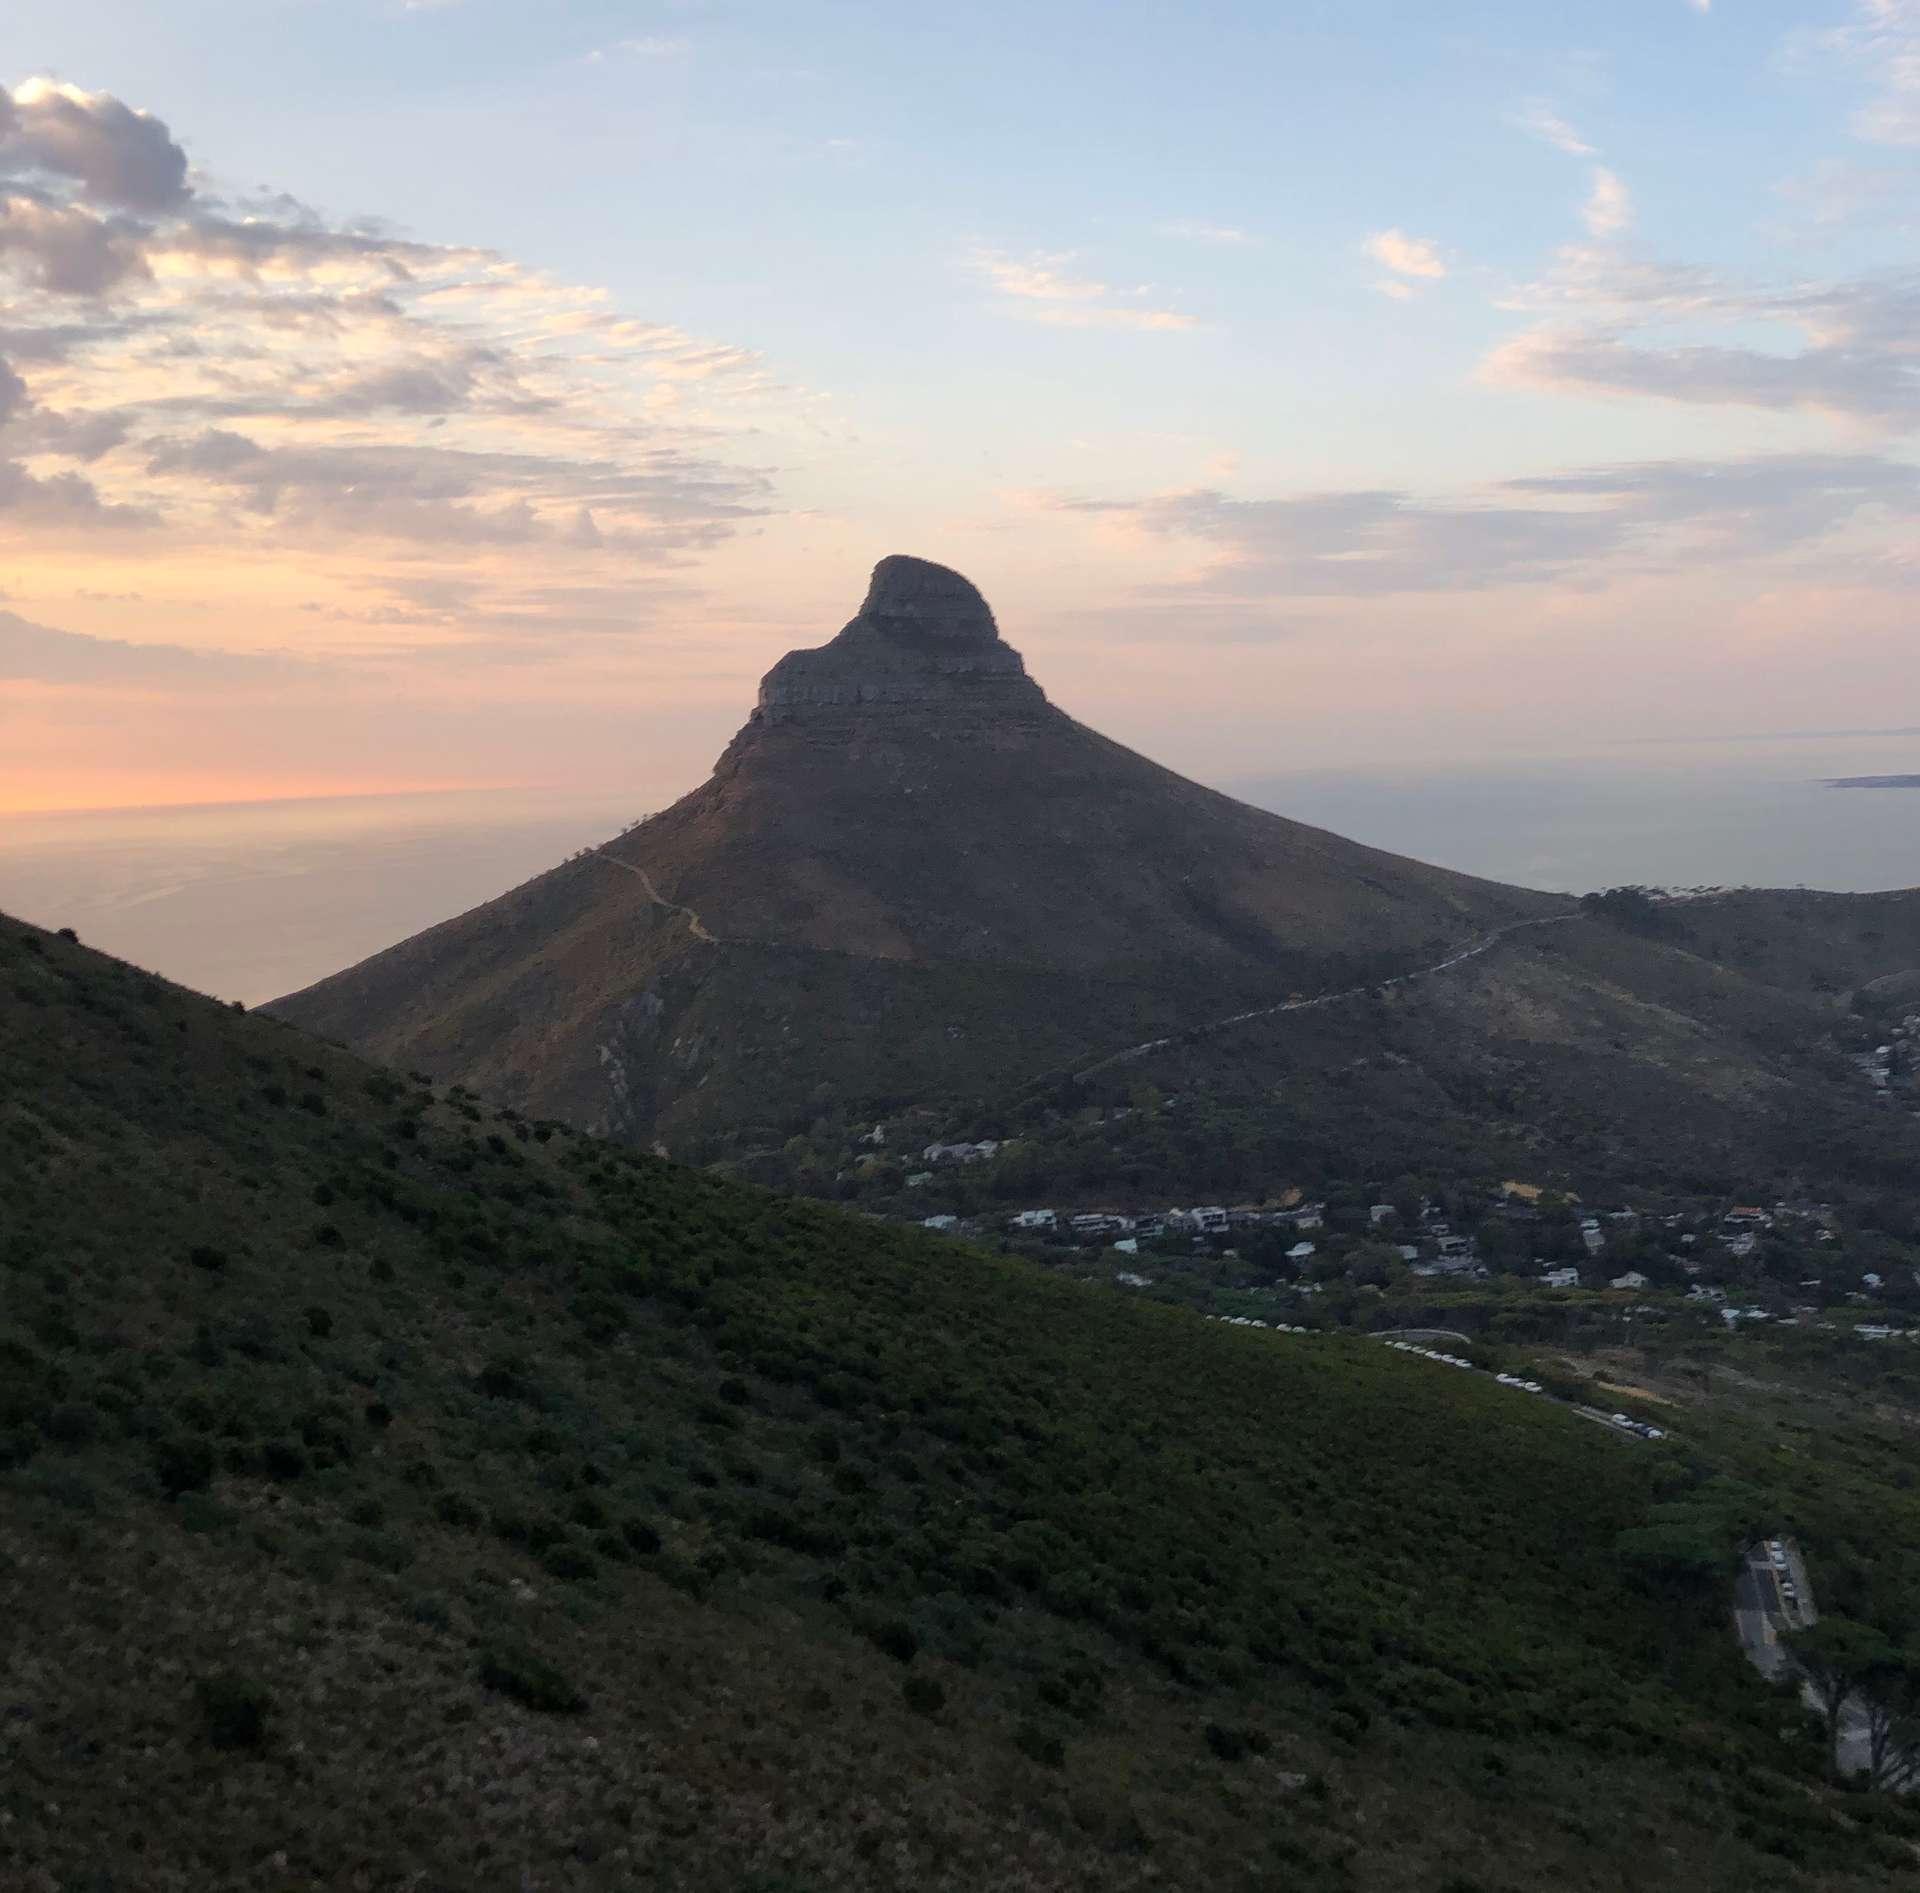 Zuid-Afrika, Kaapstad, uitzicht op Lion's Head